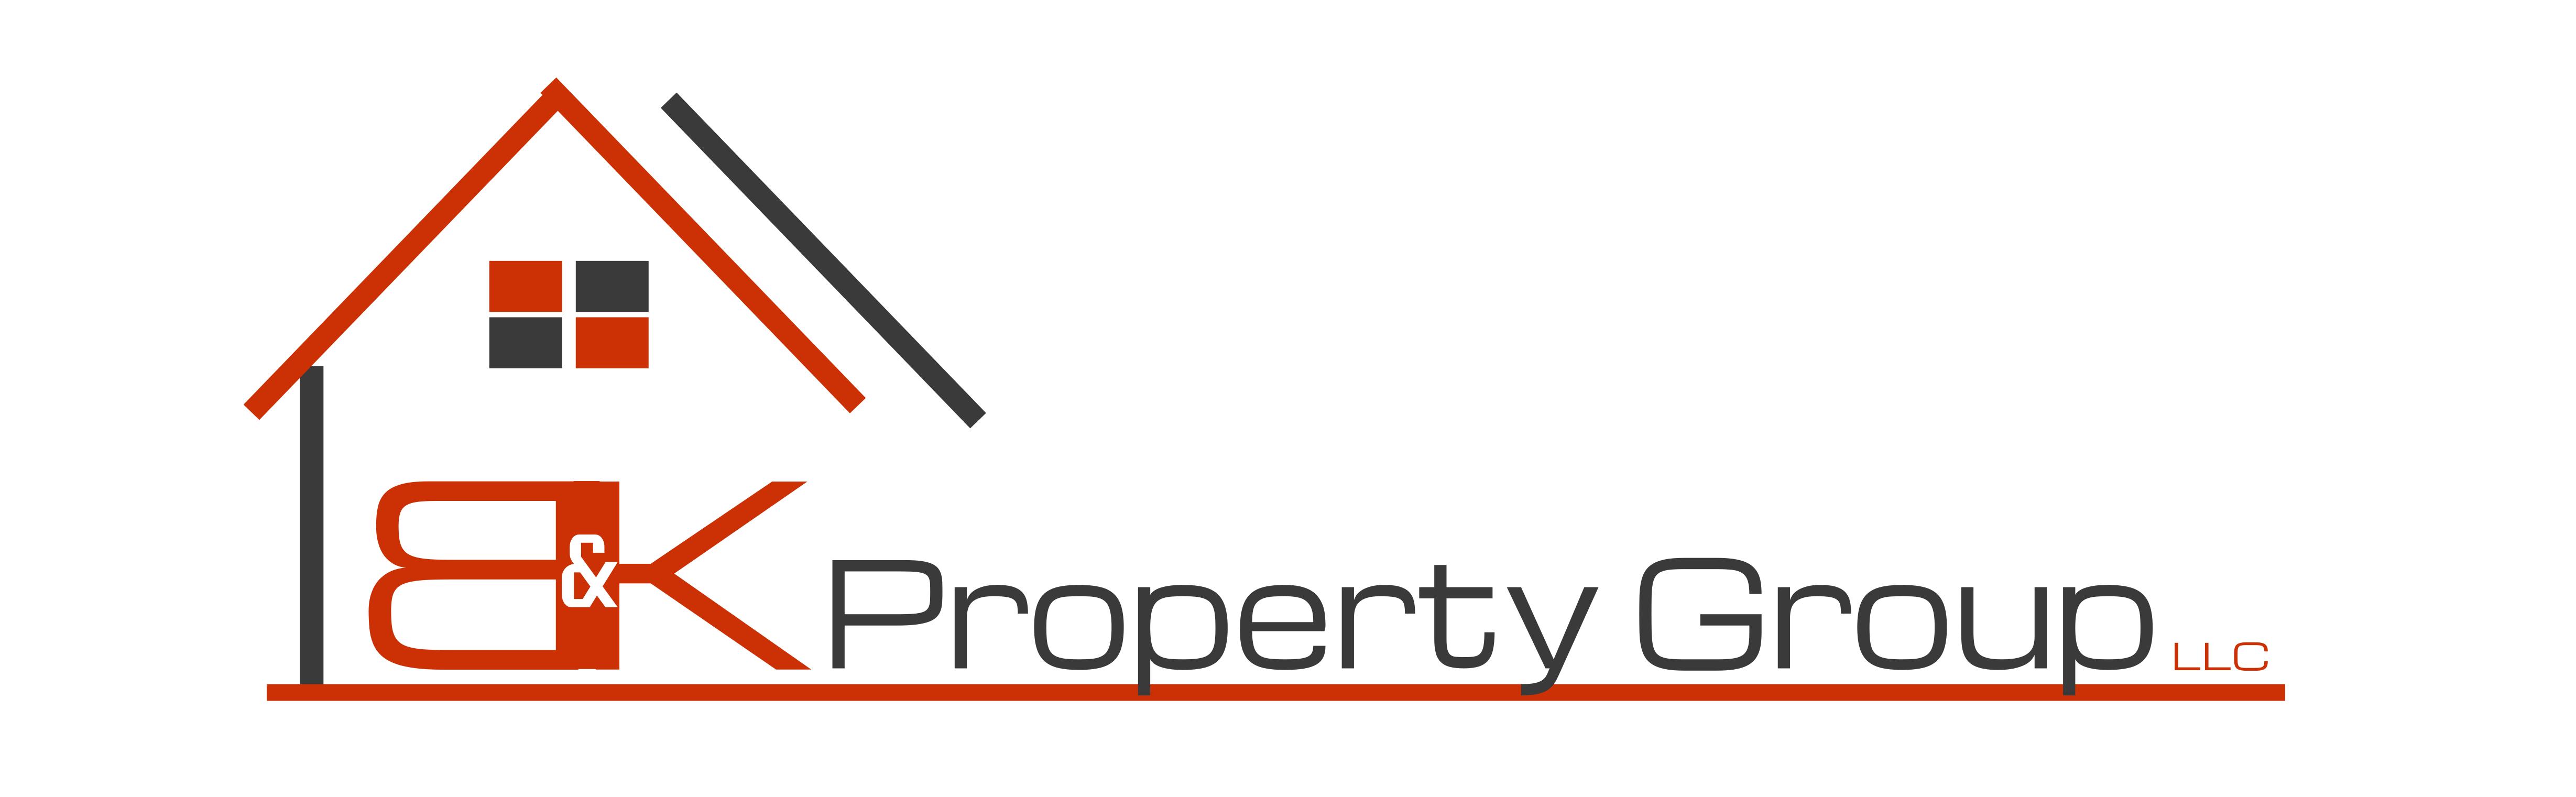 BK Property Group